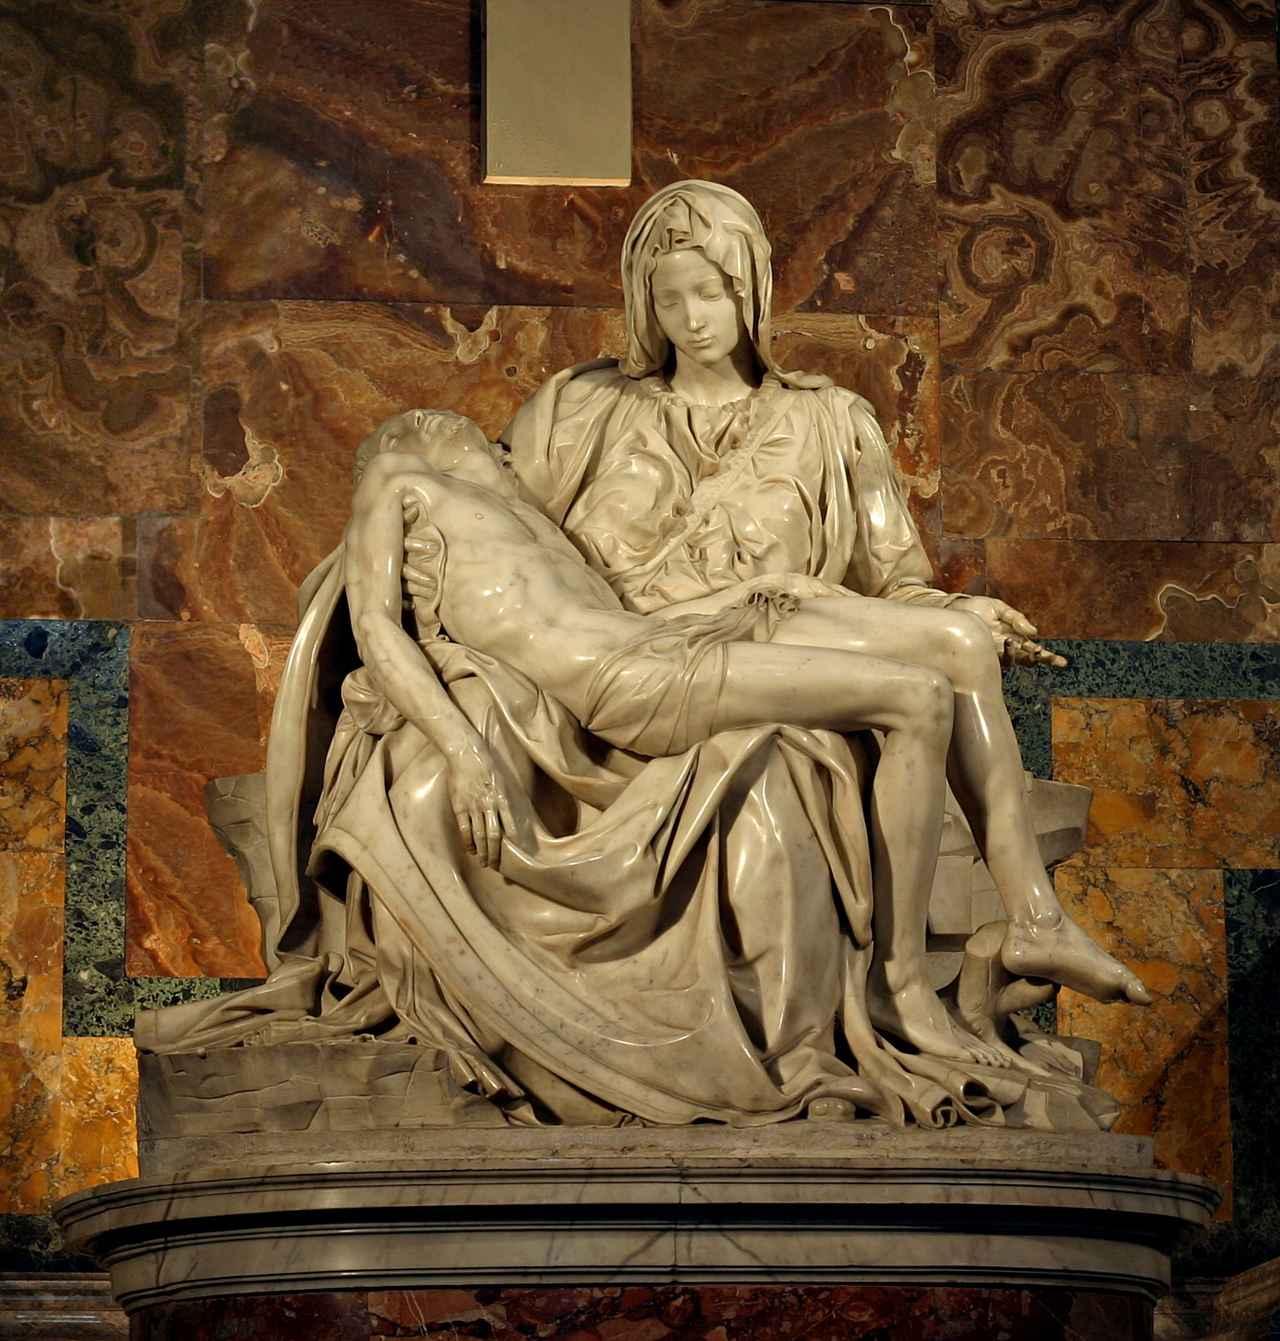 画像7: イタリア芸術 三大巨匠が交わる奇跡の世界線 <第10回/最終回>『ルネサンスの天才が残したもの、私たちが出会うもの』【好奇心で旅する海外】<芸術百華>